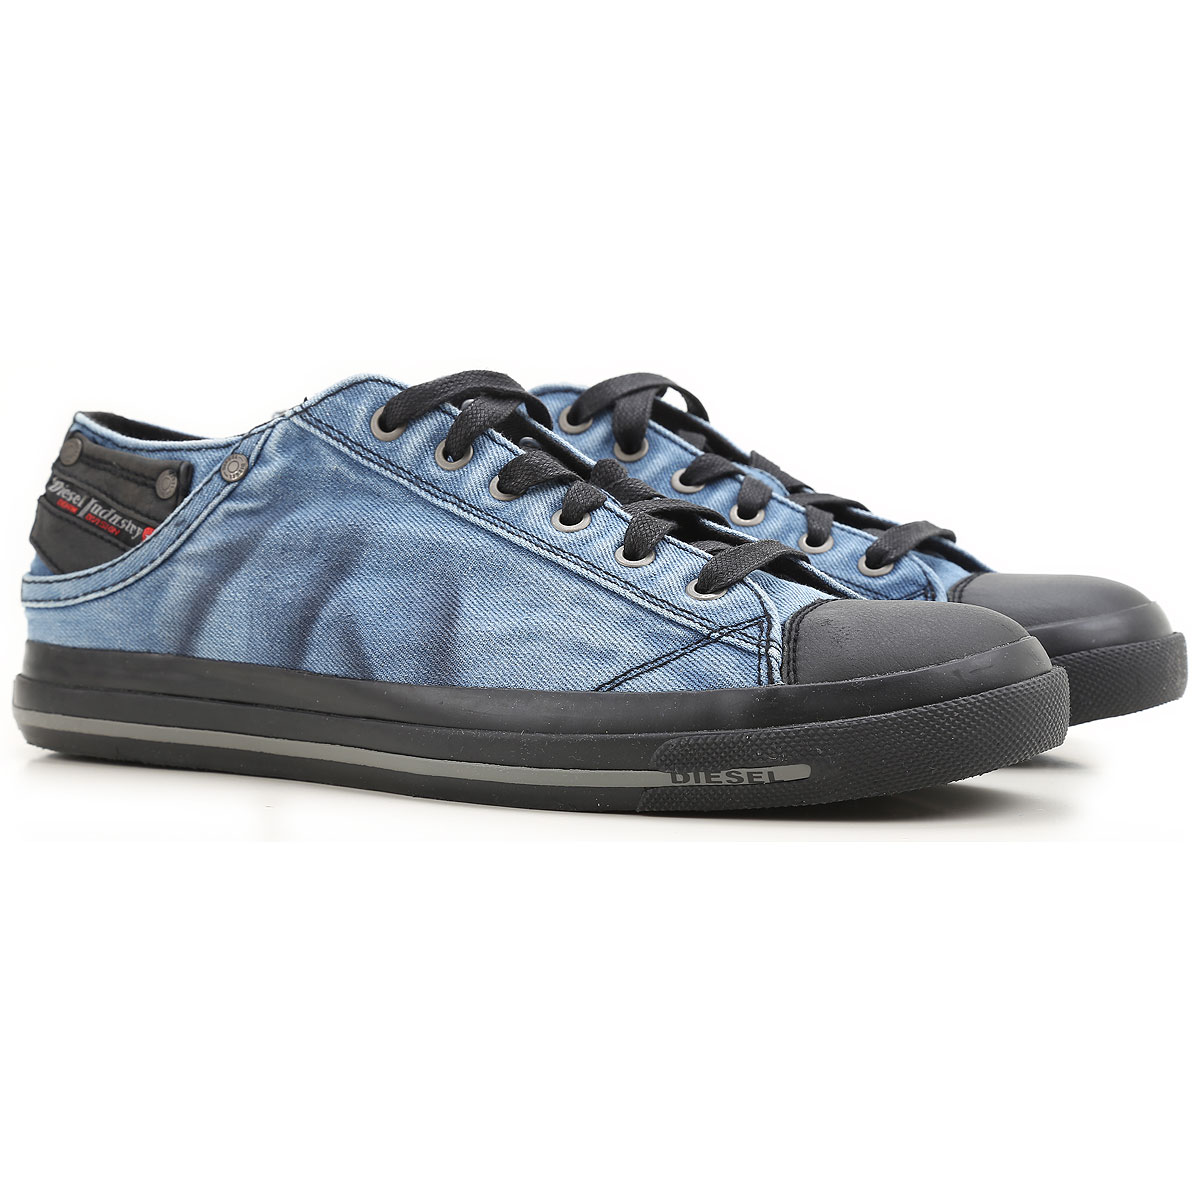 Mens Shoes Diesel, Style code: y00321-p1200-h1729